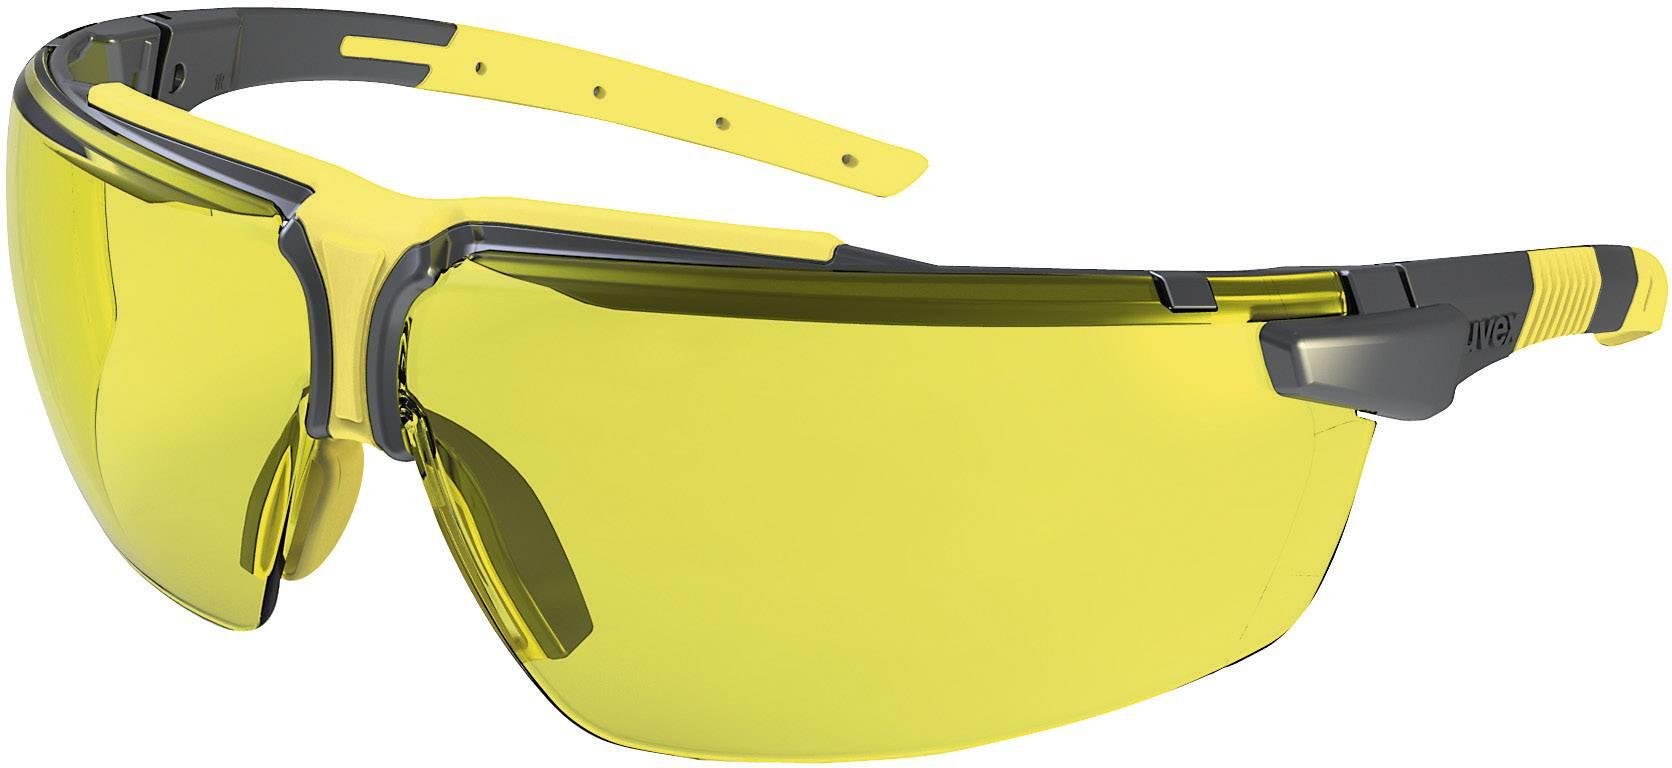 Ochranné okuliare Uvex I-3, čierne/žlté